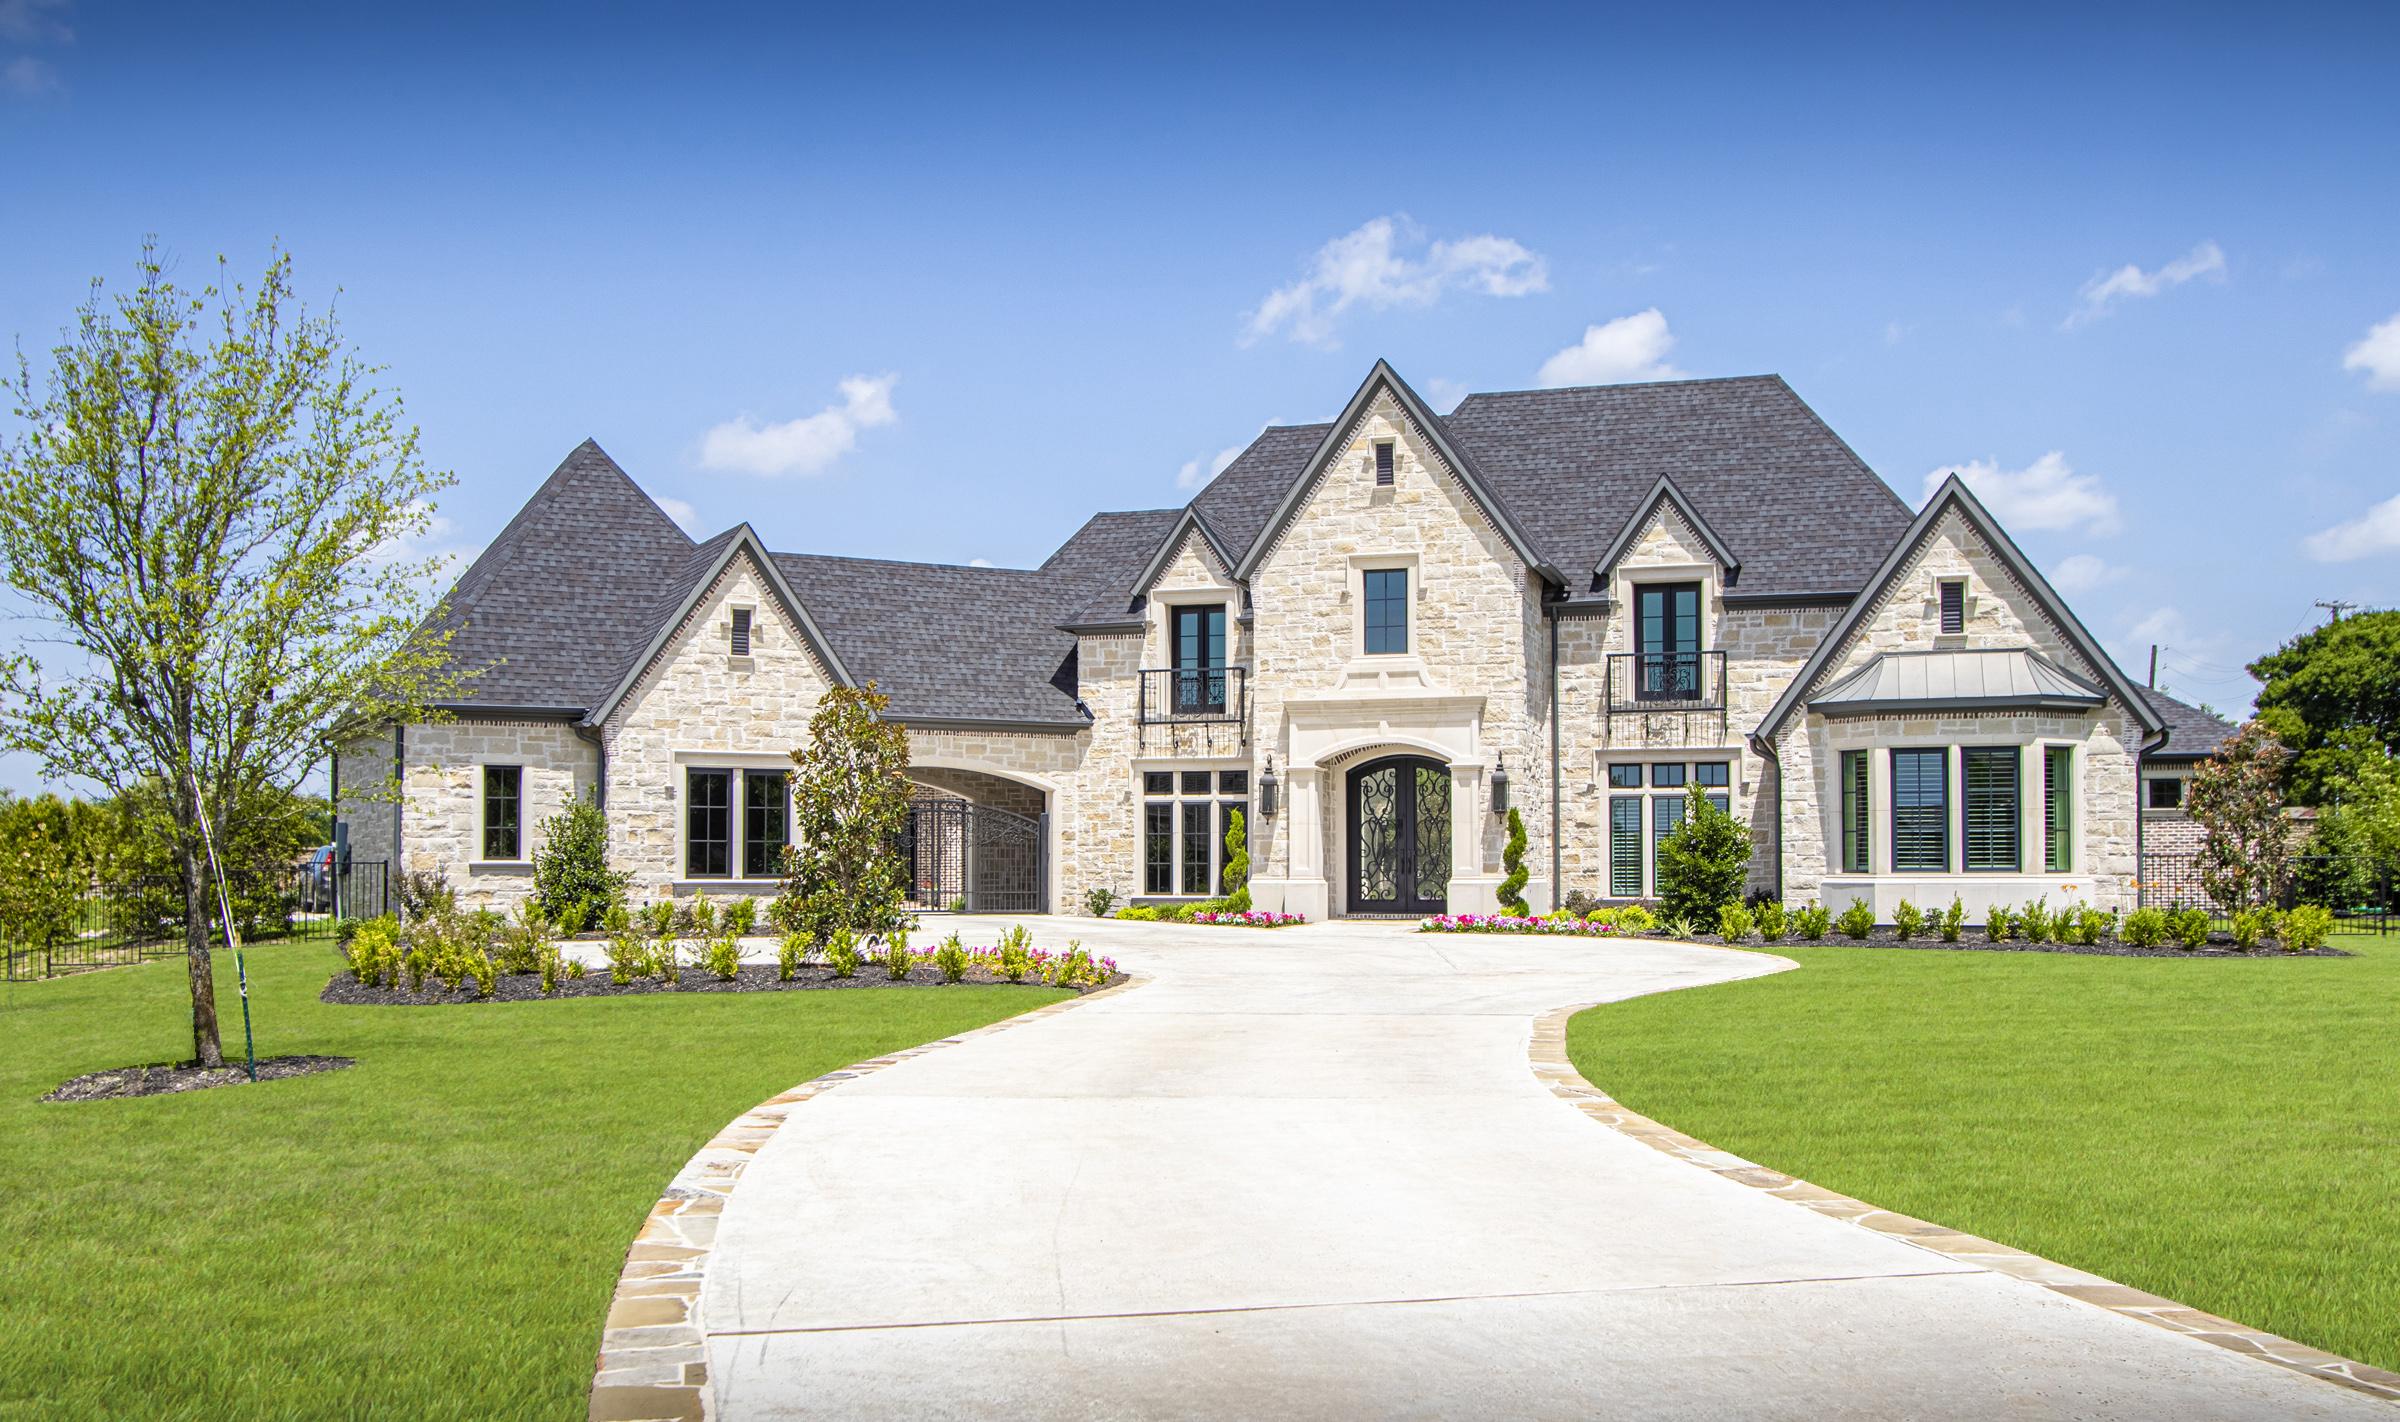 custom homes fairview tx, custom home builder